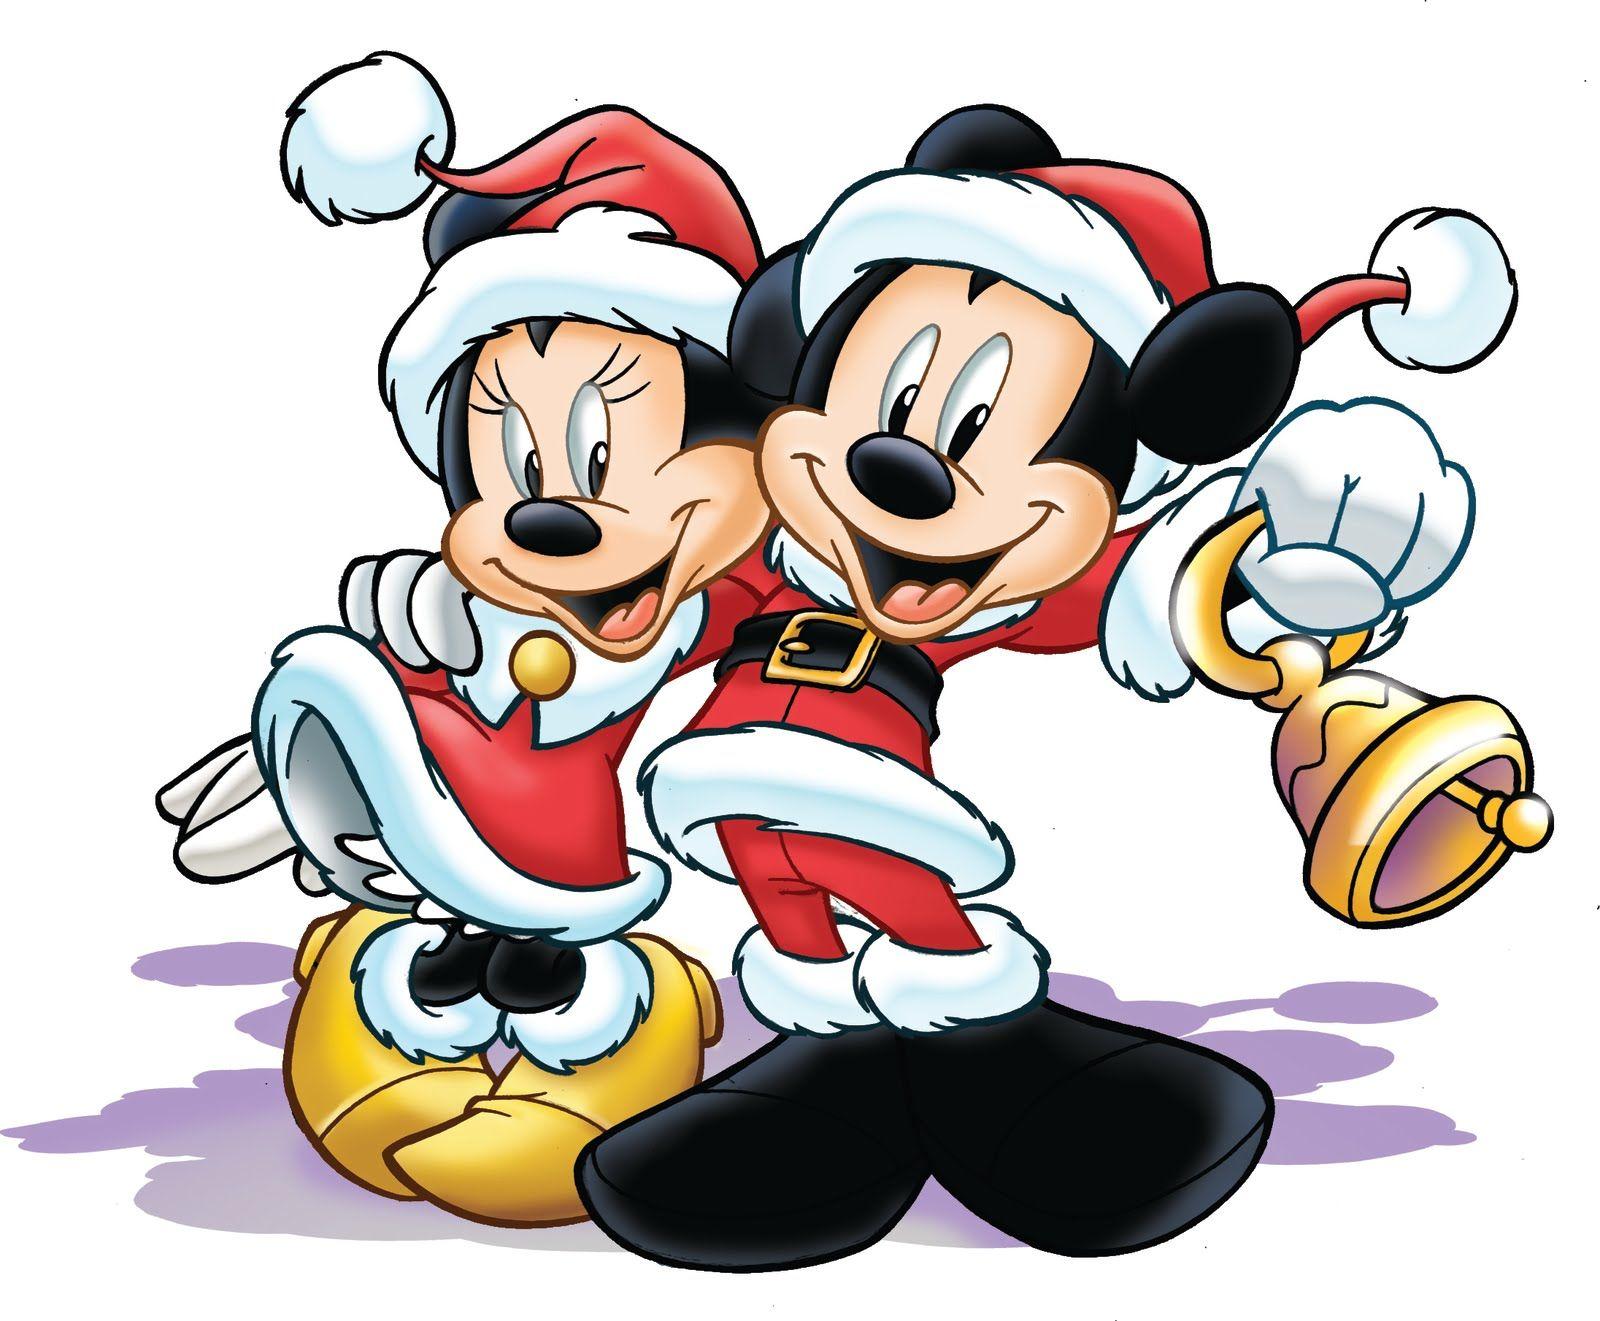 Immagini Disney Natale.Risultati Immagini Per Disney Natale Candele Immagini